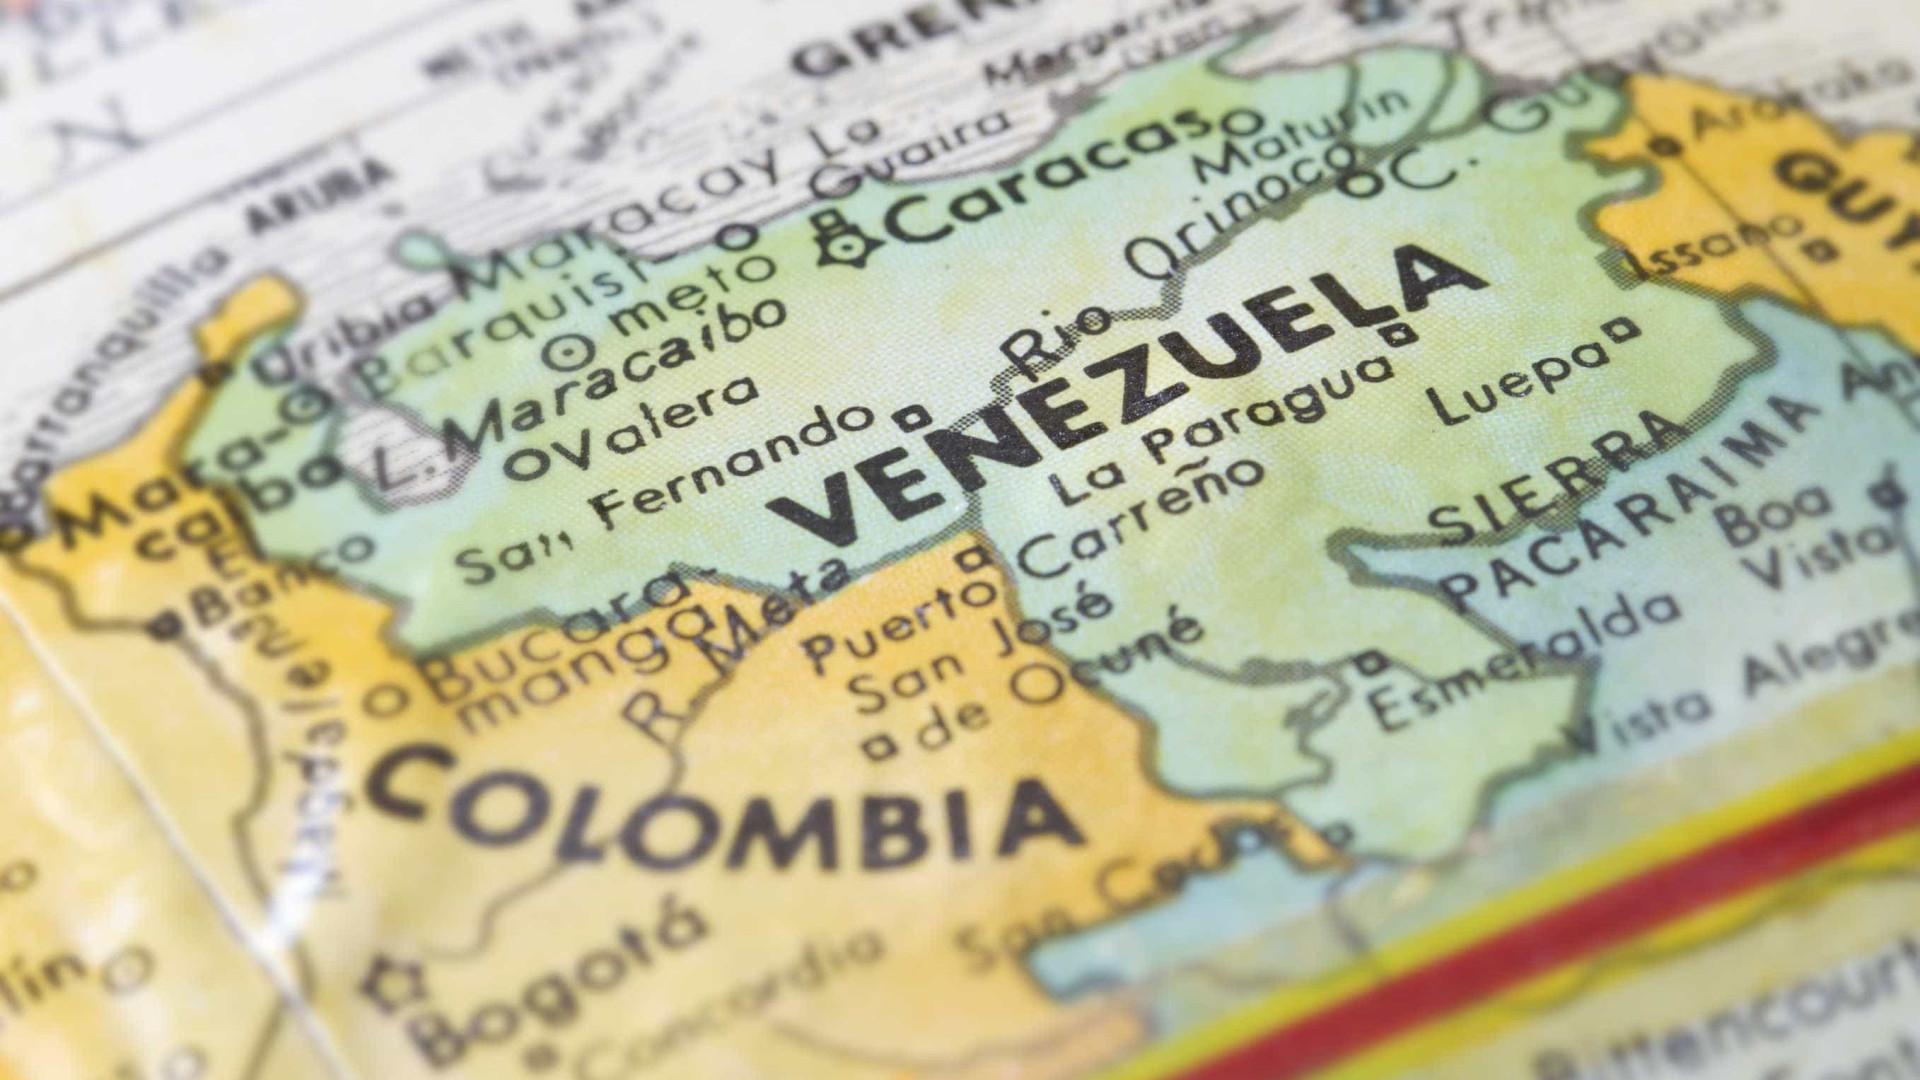 Violações à liberdade de expressão continuam na Venezuela, denuncia ONG